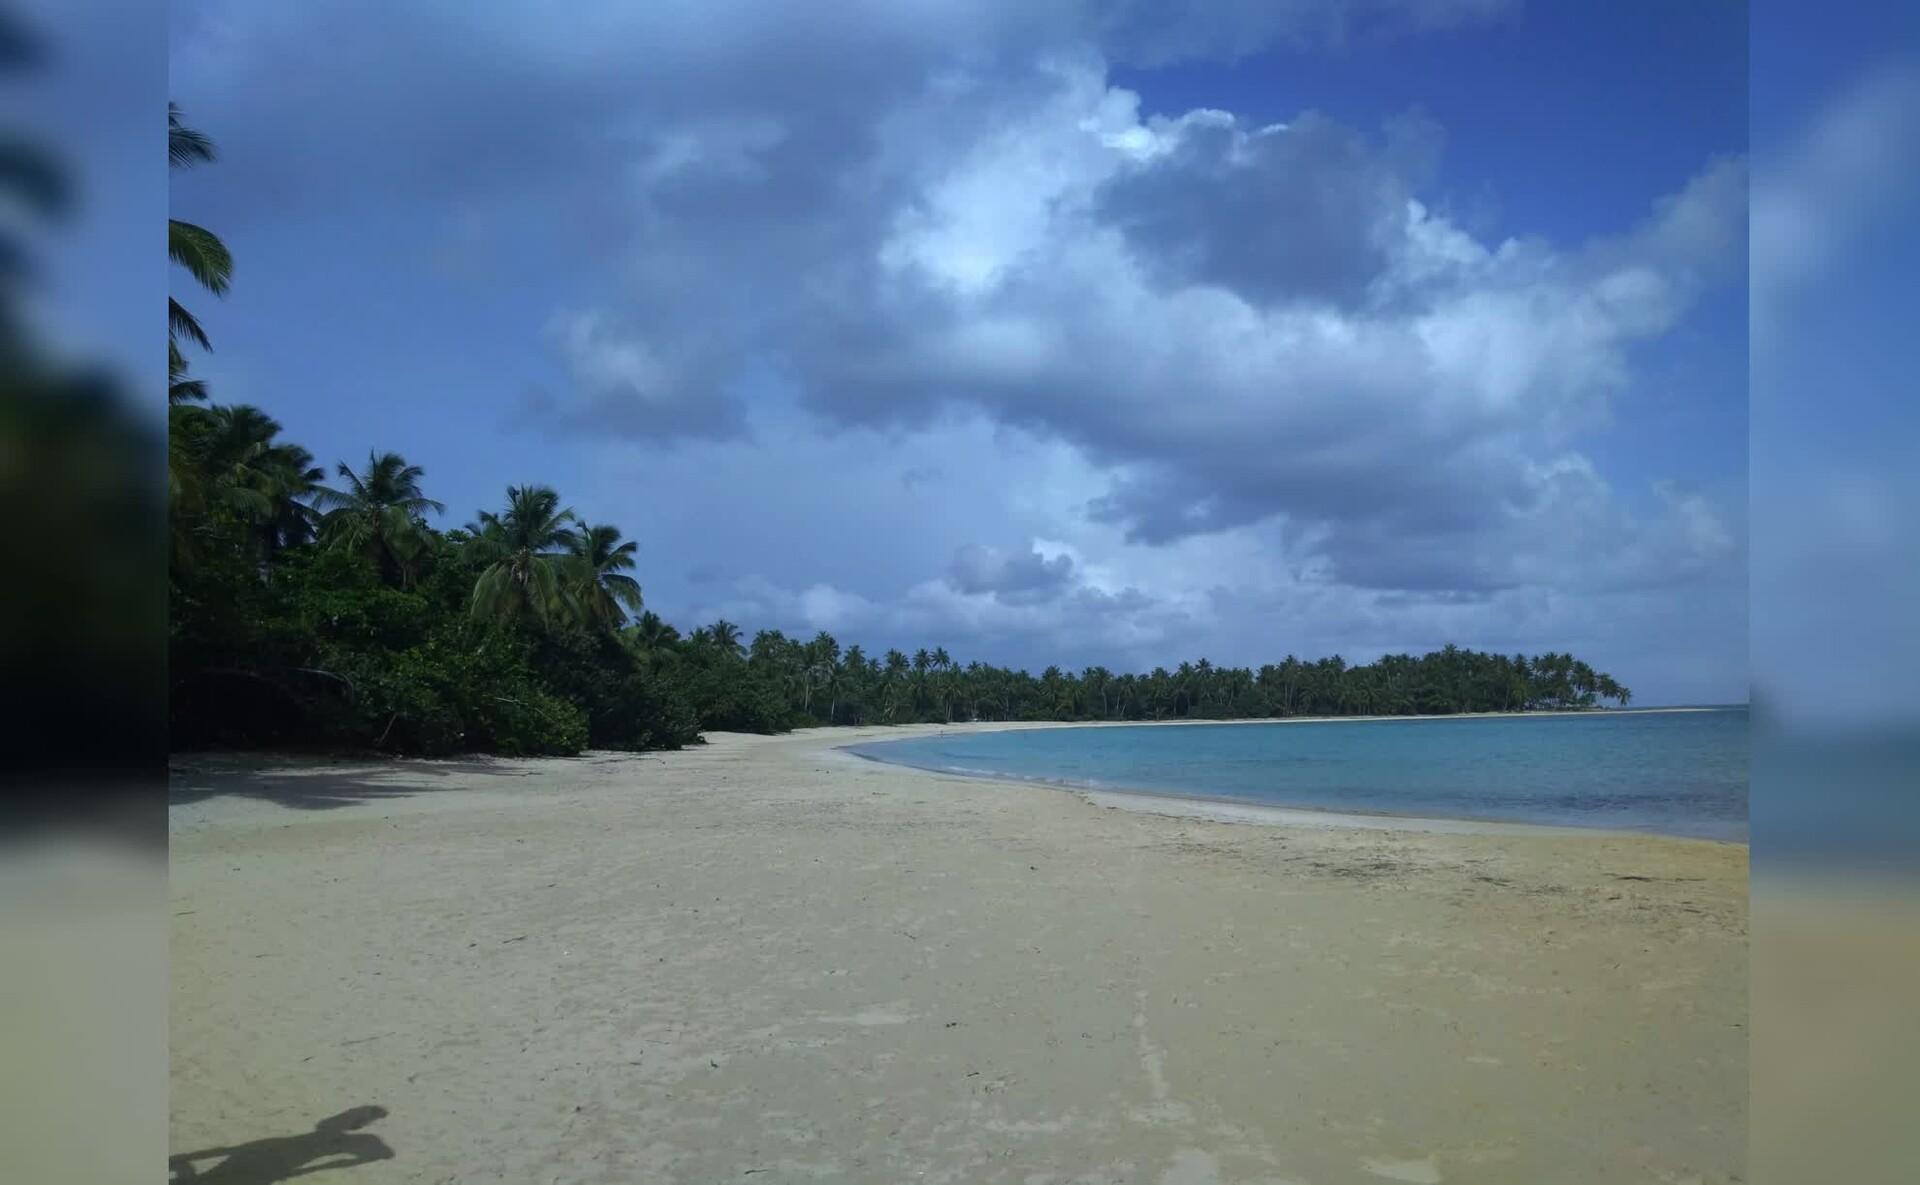 多米尼加共和国海滩风景Mac动态壁纸